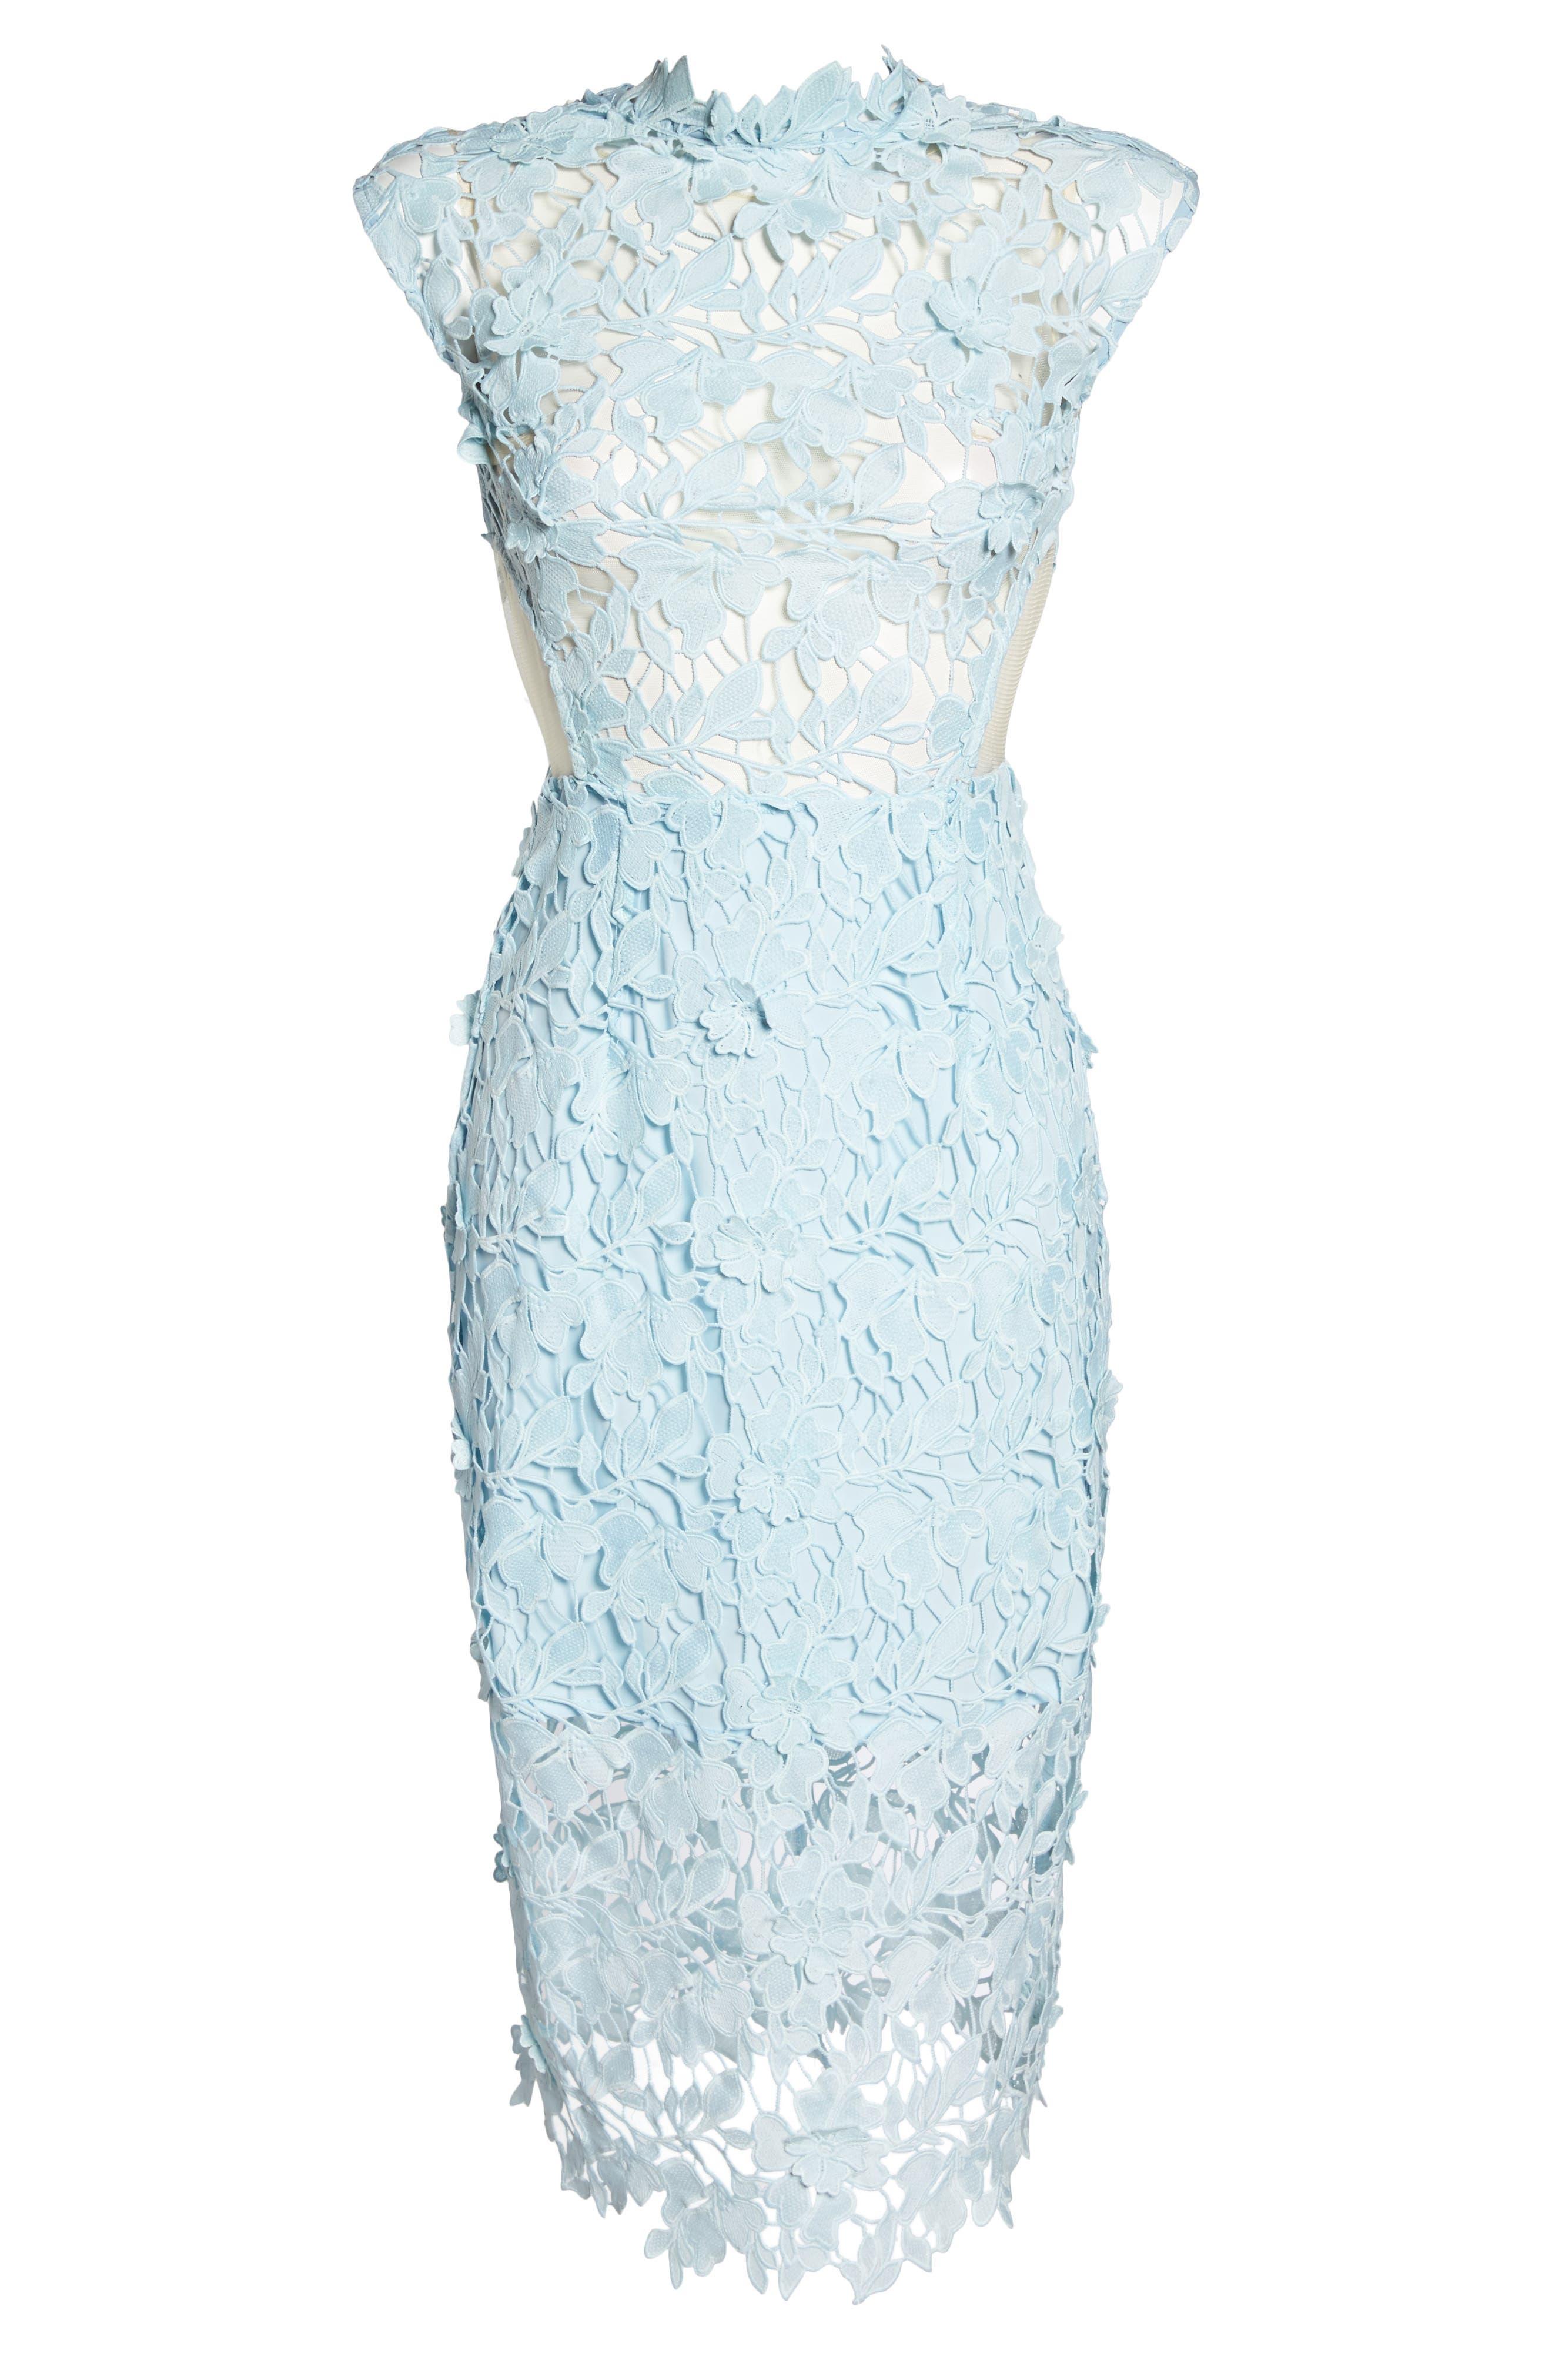 Lidia Lace Midi Dress,                             Alternate thumbnail 6, color,                             450